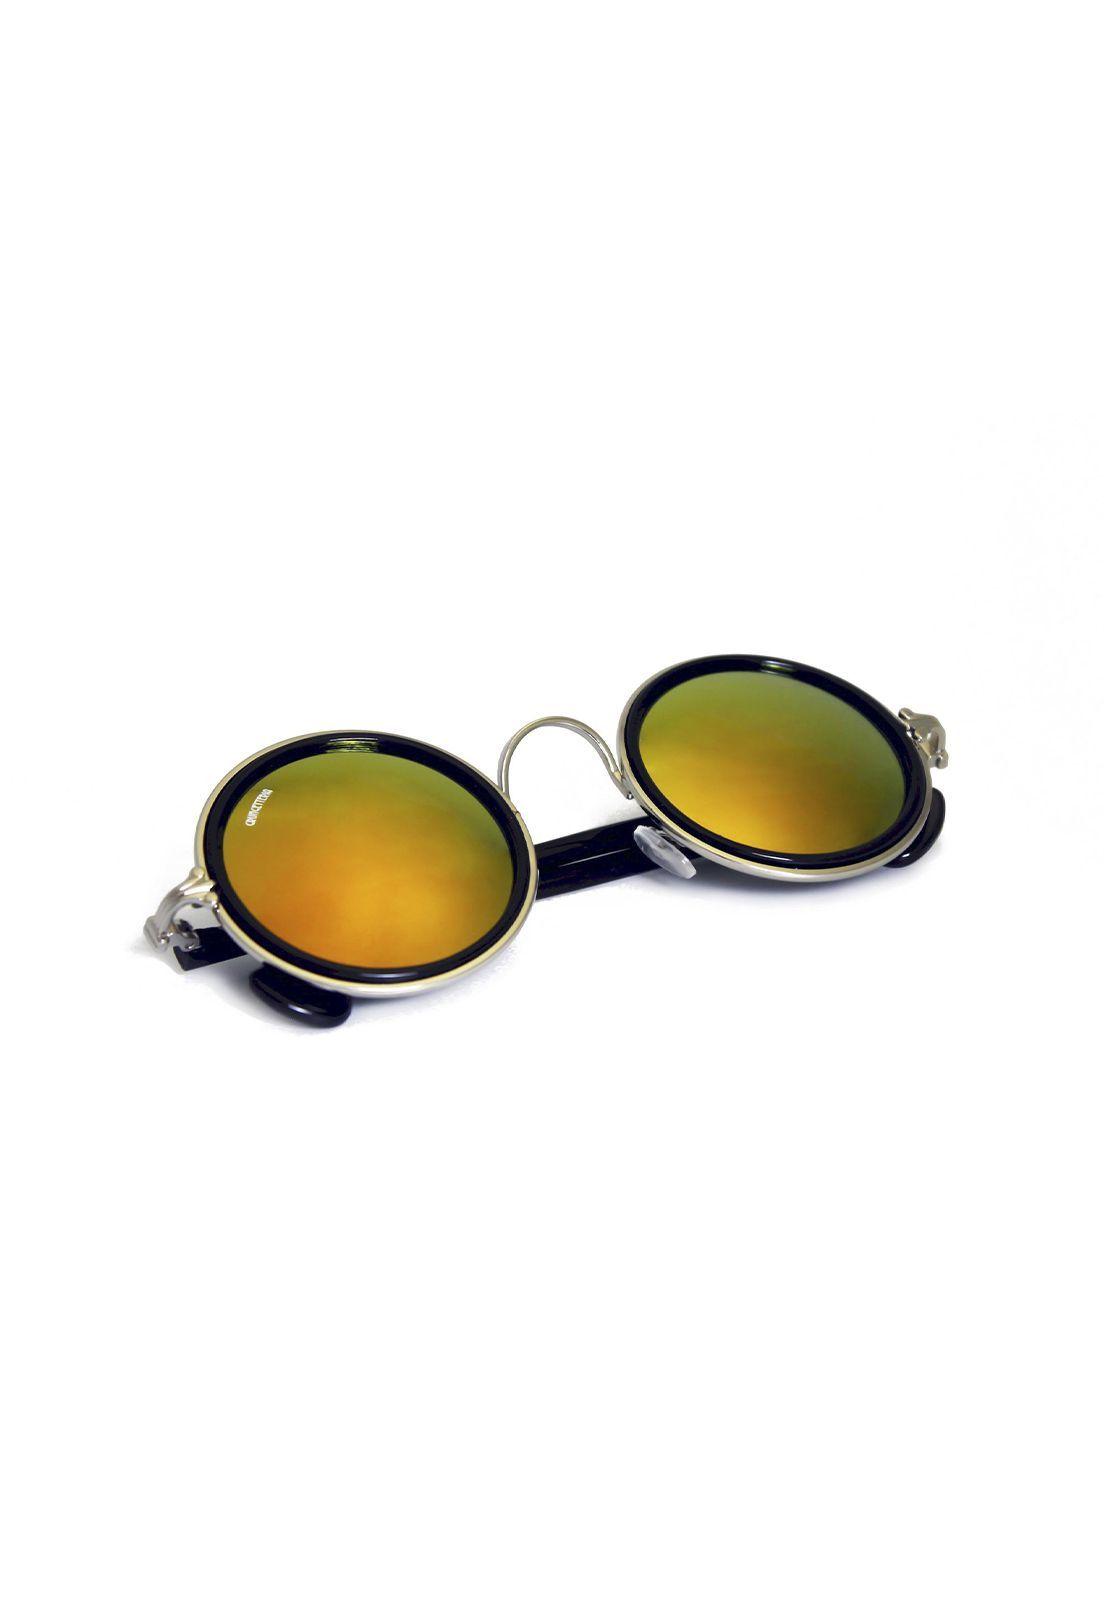 Óculos de Sol Grungetteria Barroco Ouro